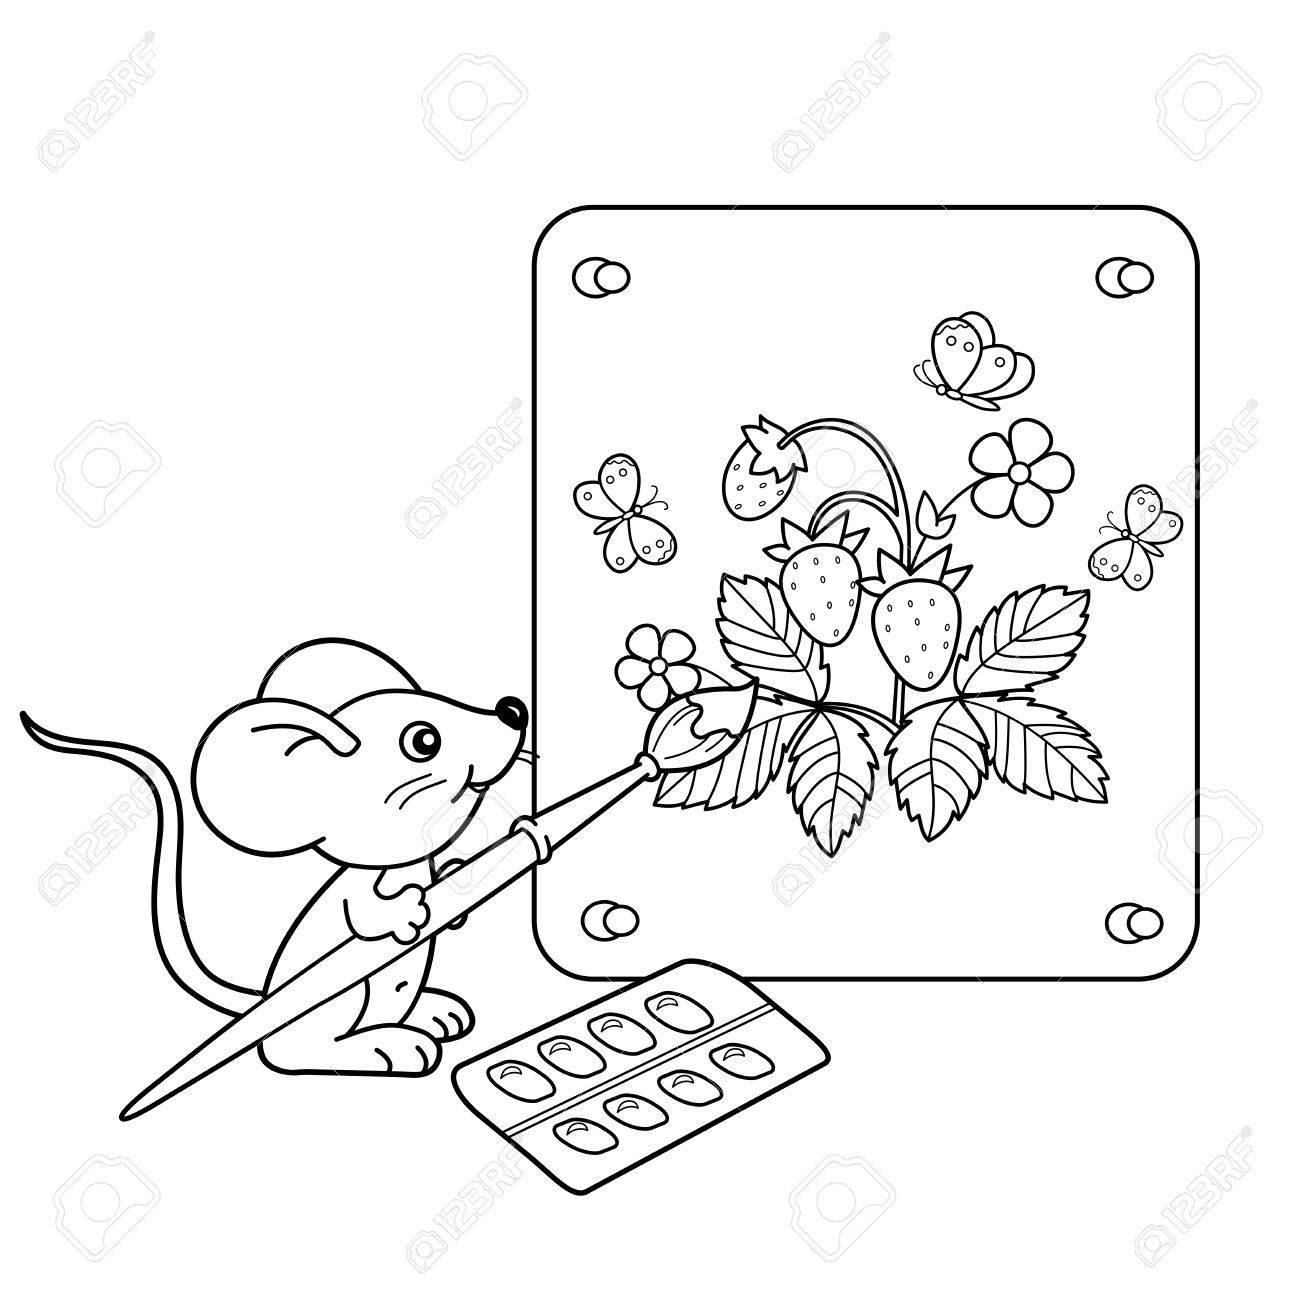 ぬりえページ概要のブラシと塗料のイチゴの画像と少しのマウスを漫画し